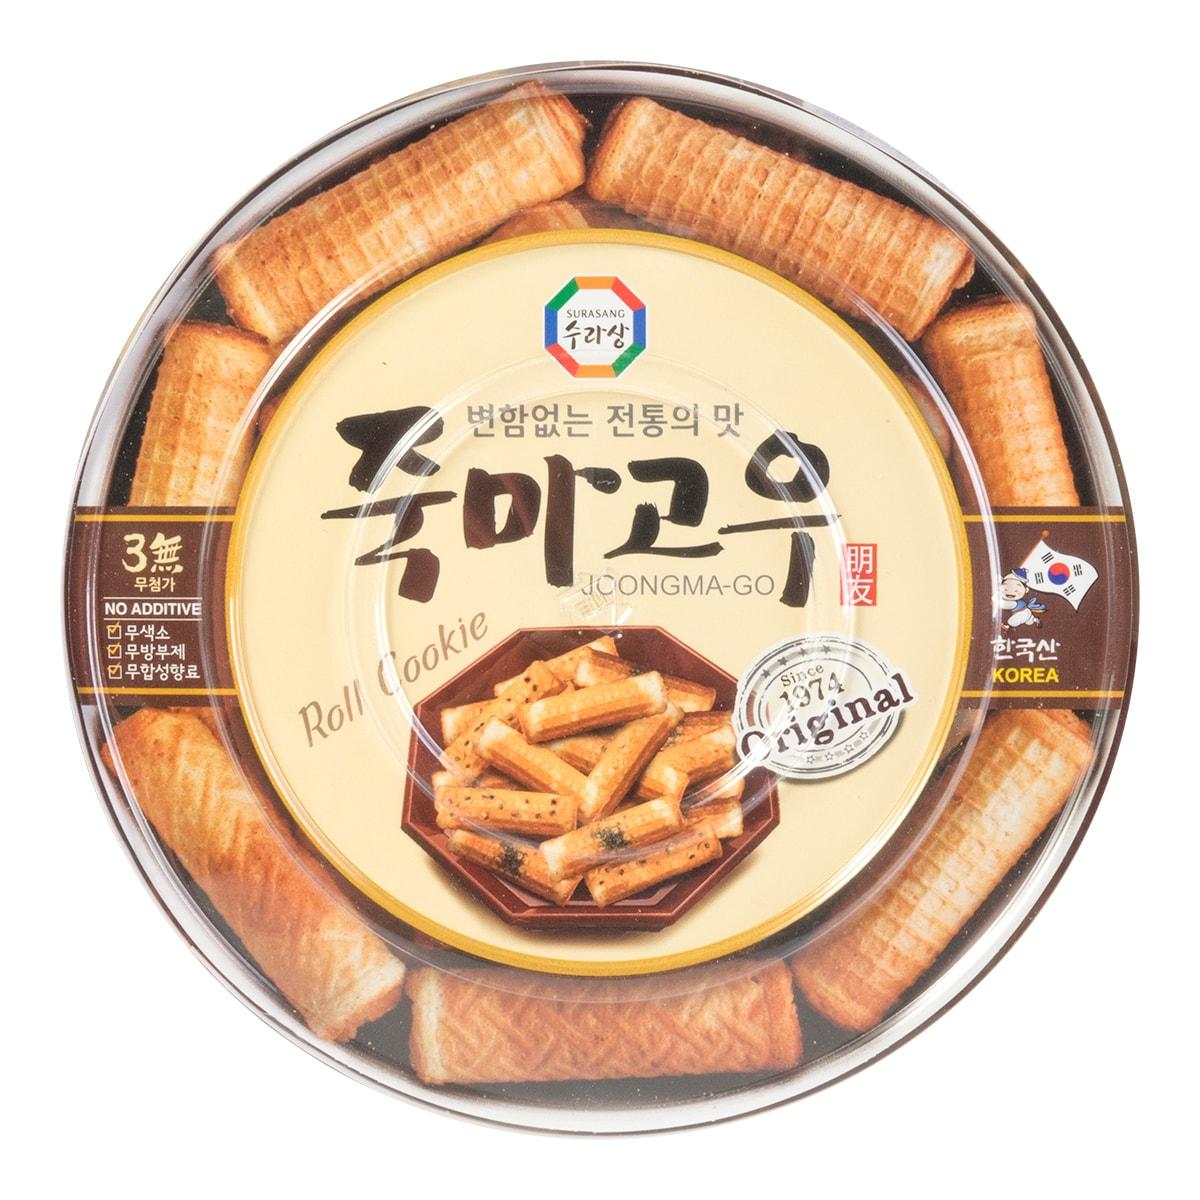 韩国SURASANG三进牌 竹马故友 香烤卷心蛋卷饼 黑芝麻味 365g